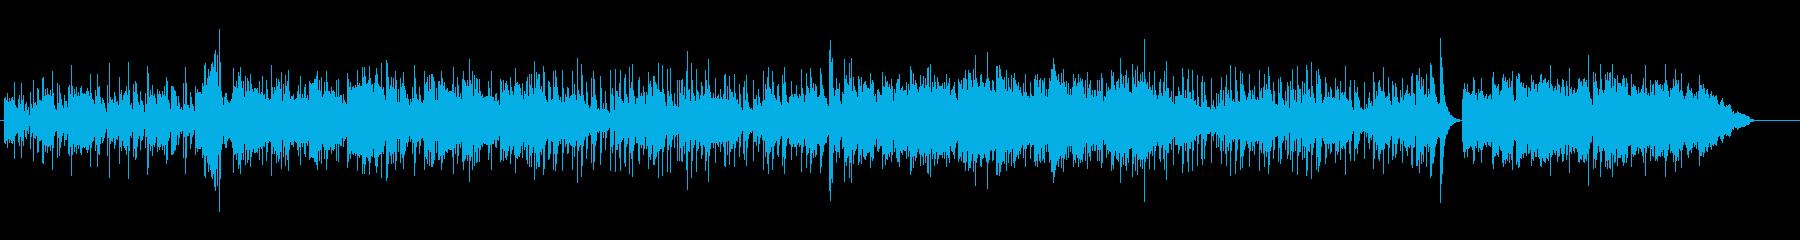 しゃれた大人のフュージョン・バラードの再生済みの波形